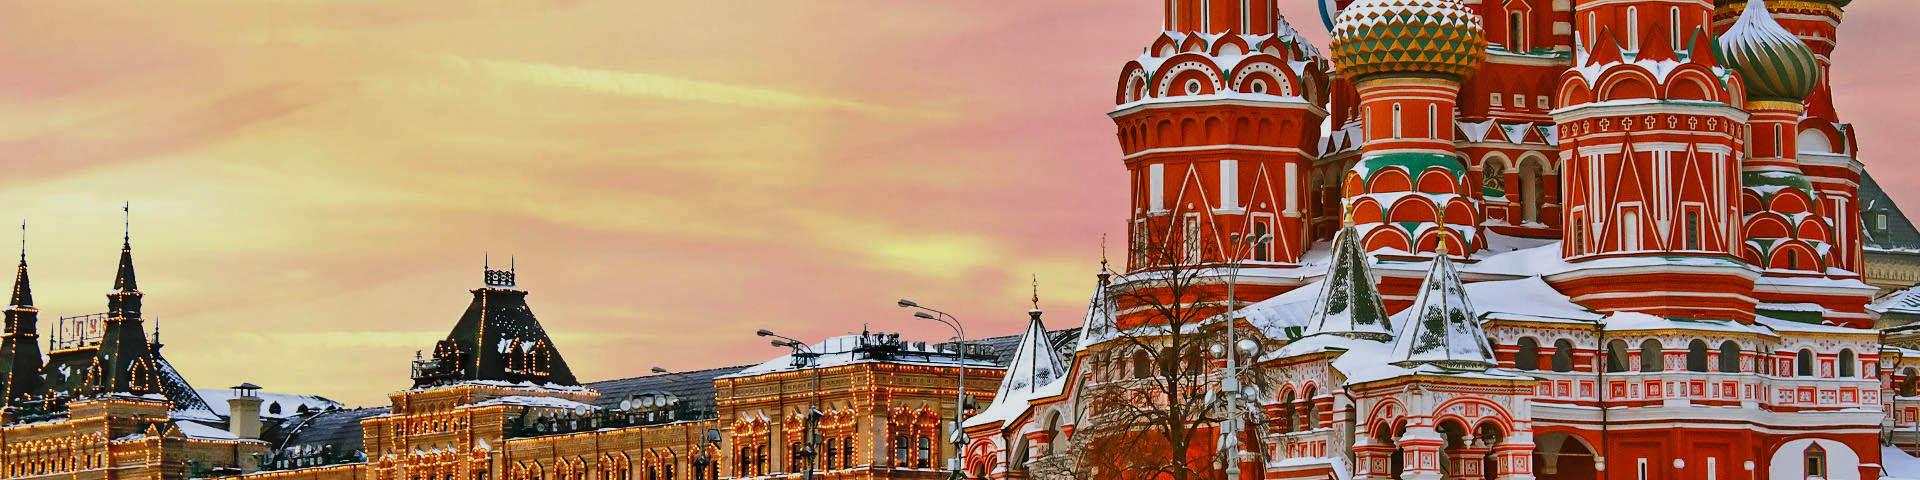 Moscow hero edit